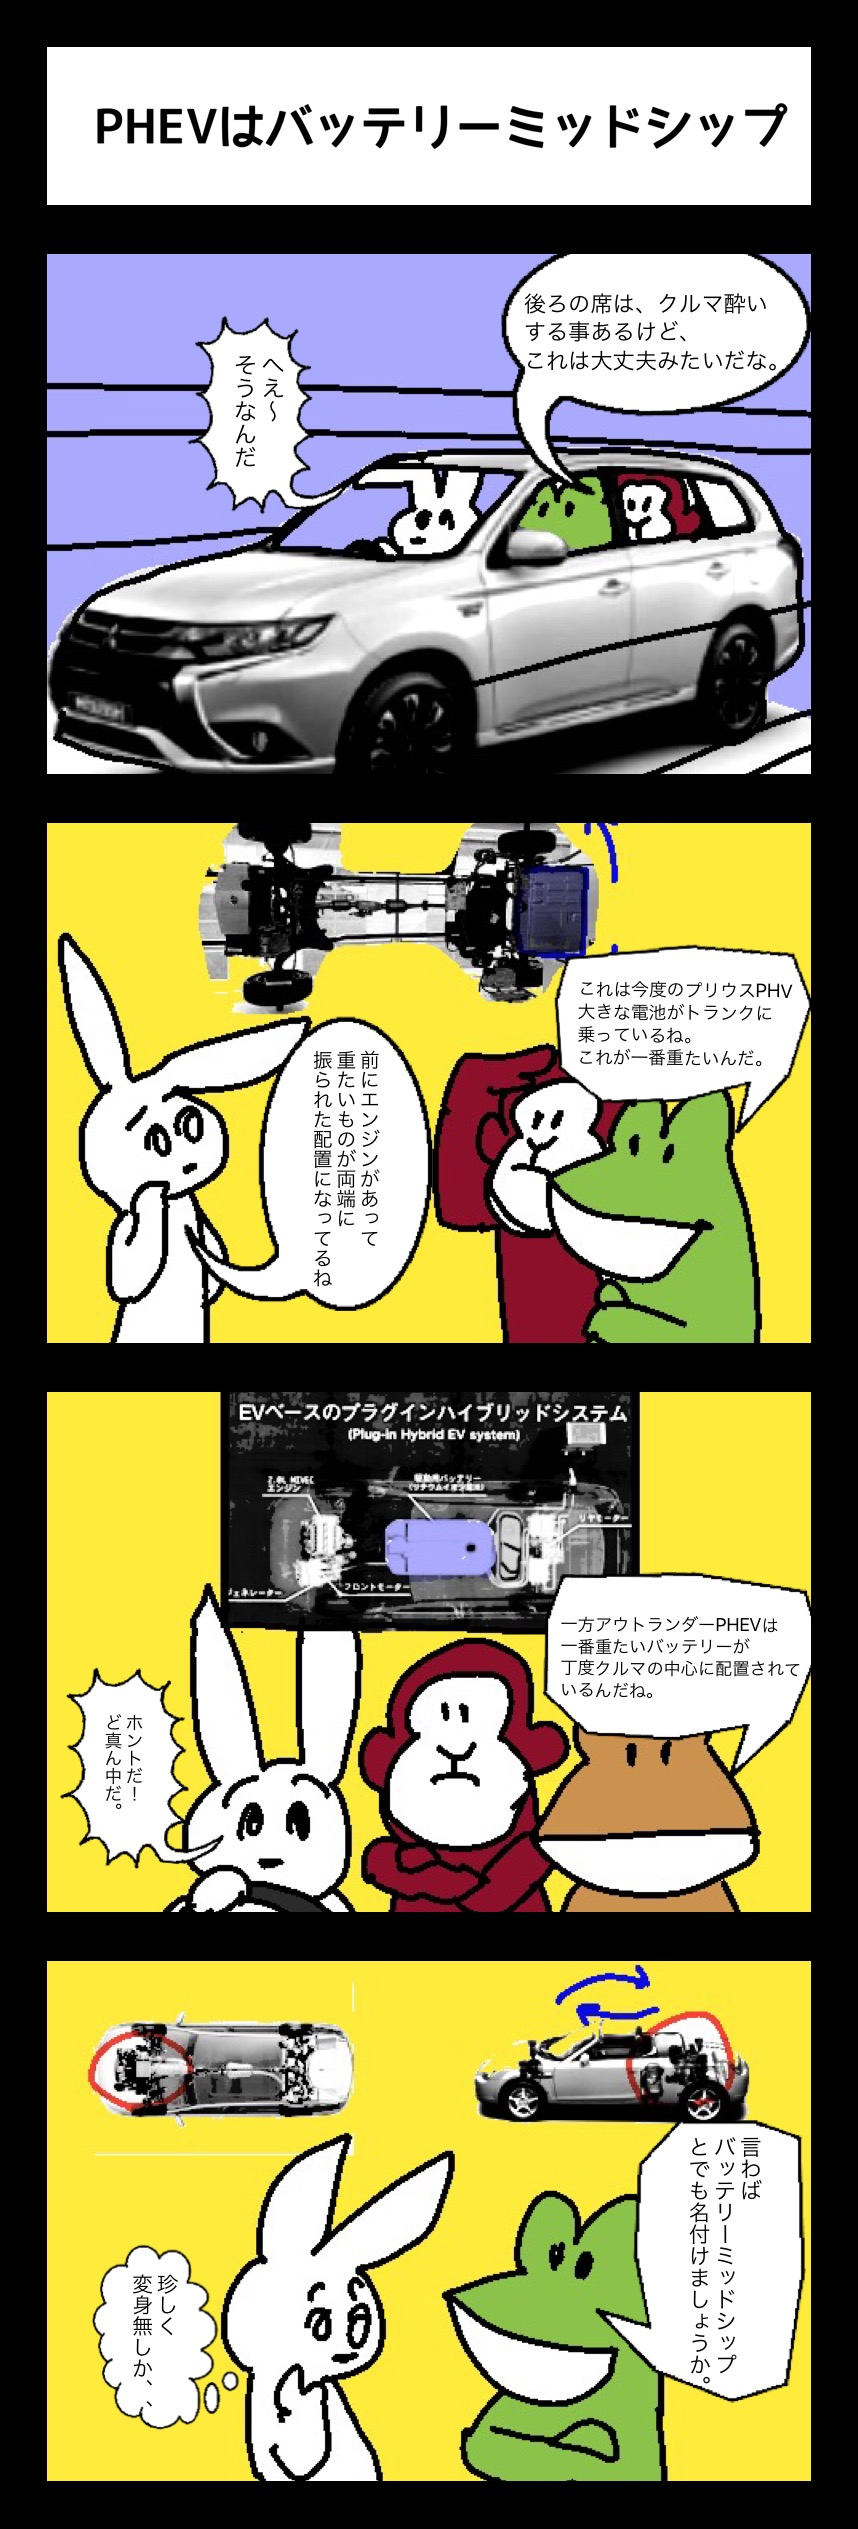 PHEV鳥獣戯画 その34「PHEVはバッテリーミッドシップ」